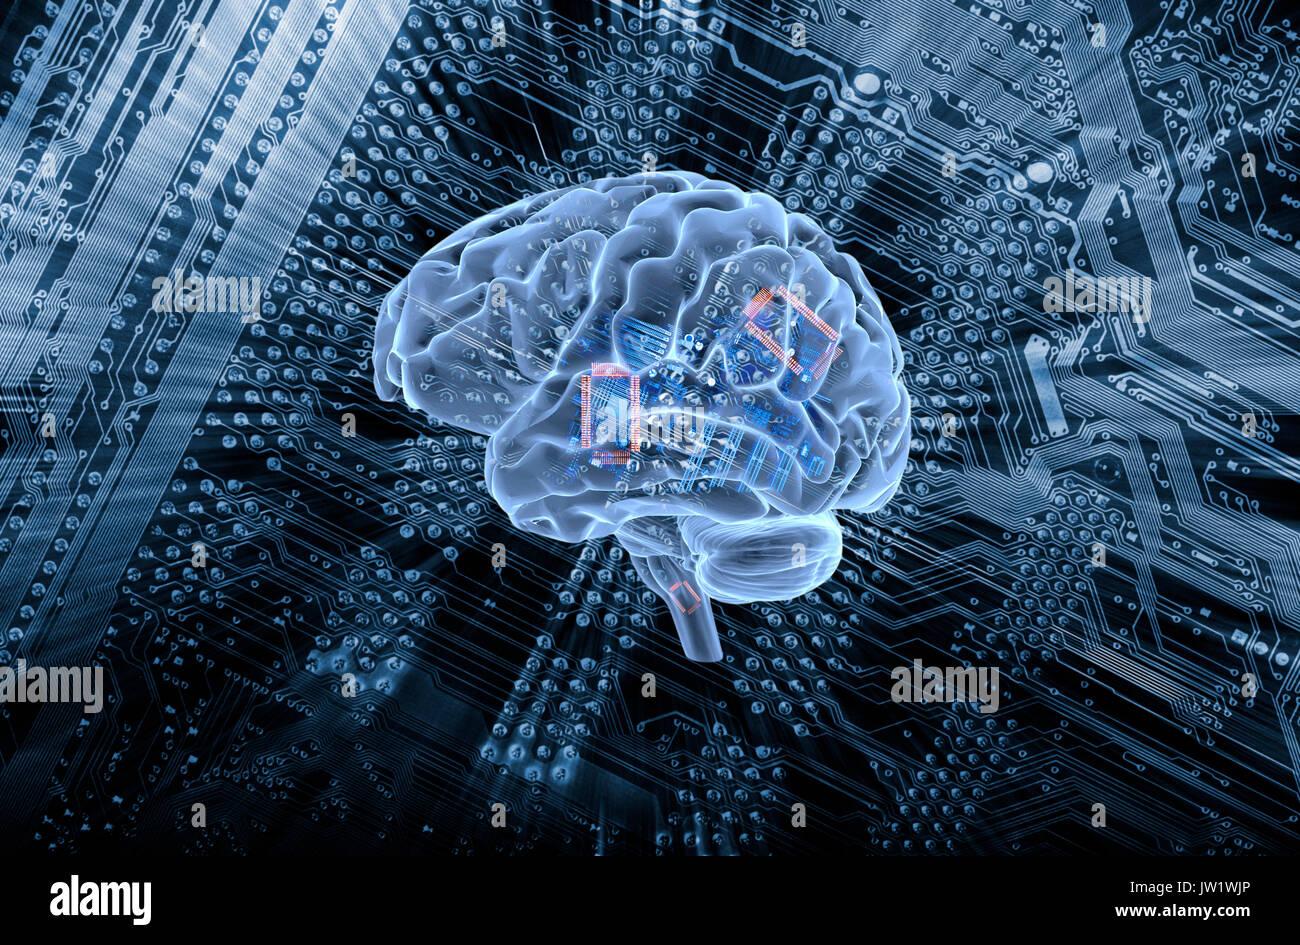 Cerebro Humano comunicándose con una motherboard computadoras, inteligencia artificial Imagen De Stock